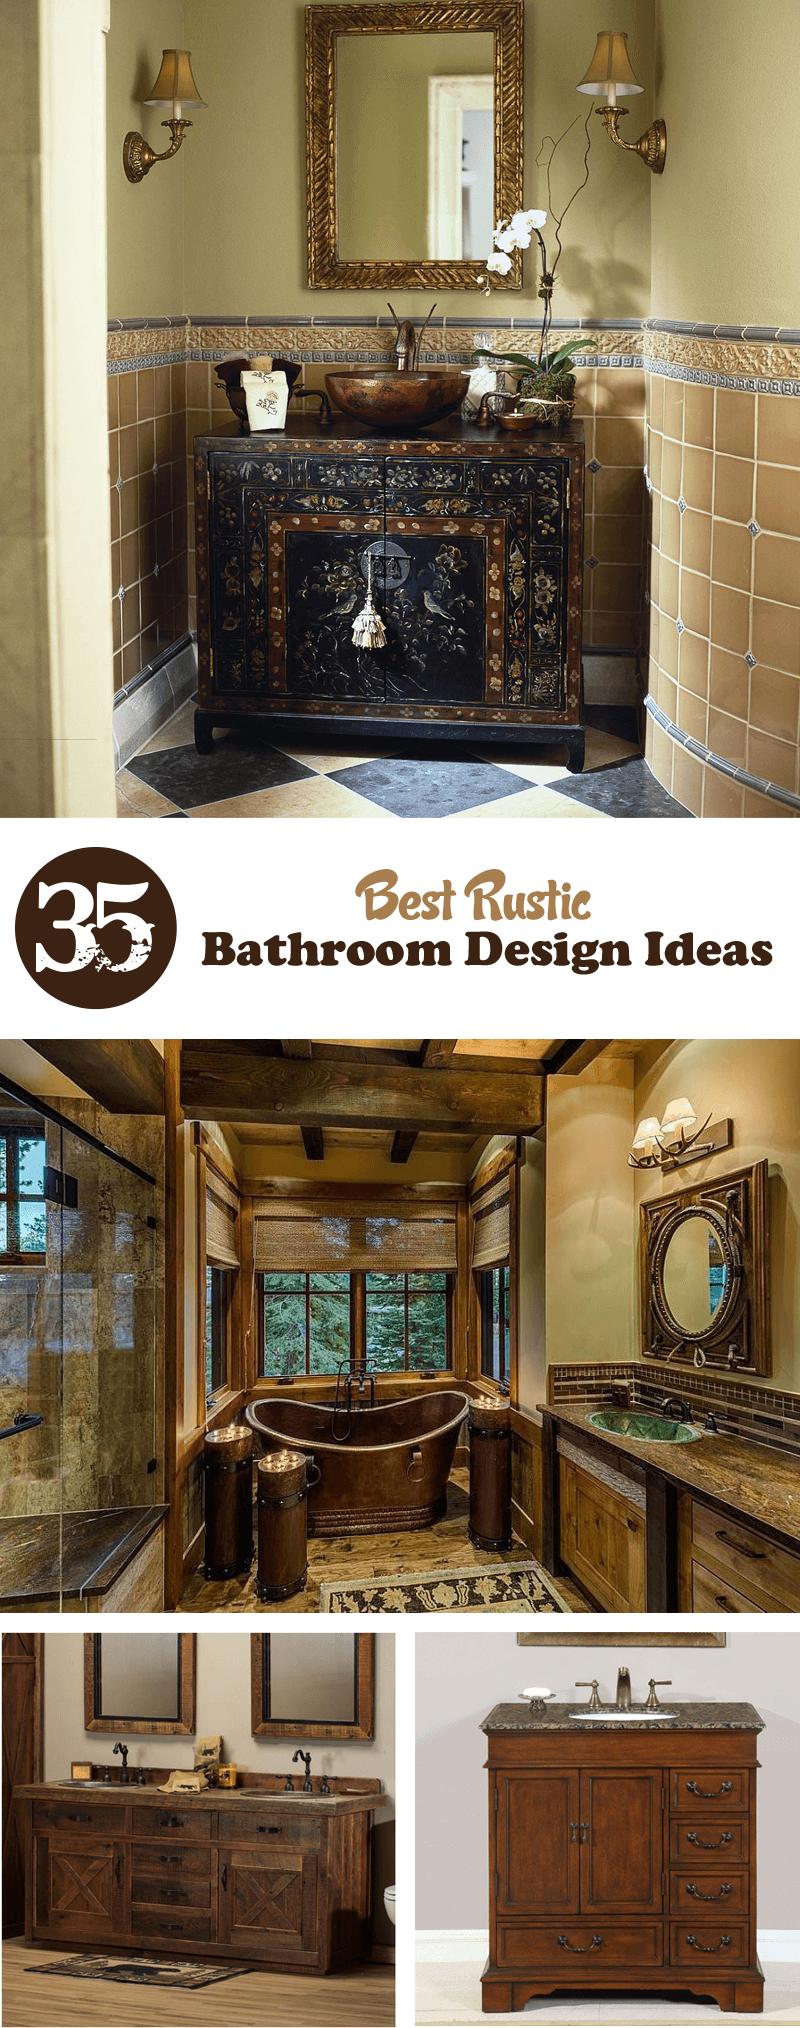 Best Rustic Bathroom Design Ideas